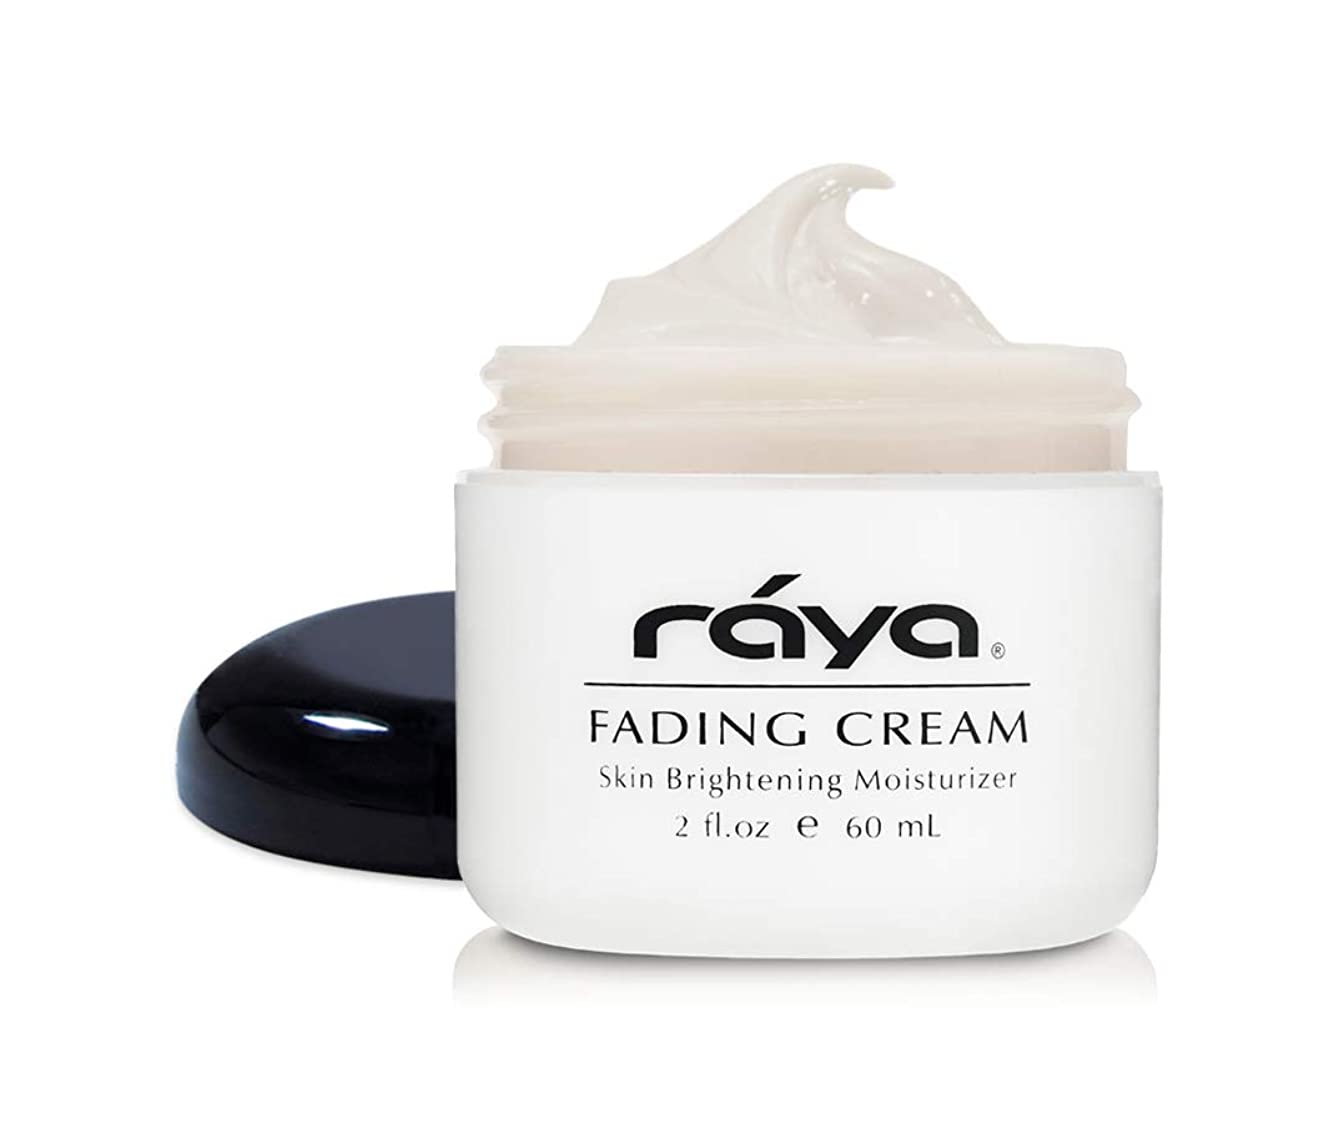 寛大さ衝突ドメインRaya フェージングクリーム(321) ノンオイリー肌のためのブライトニングと保湿フェイスクリーム 肌を明るく支援します 最良の結果は4-6週間後に見られています 2 fl-oz